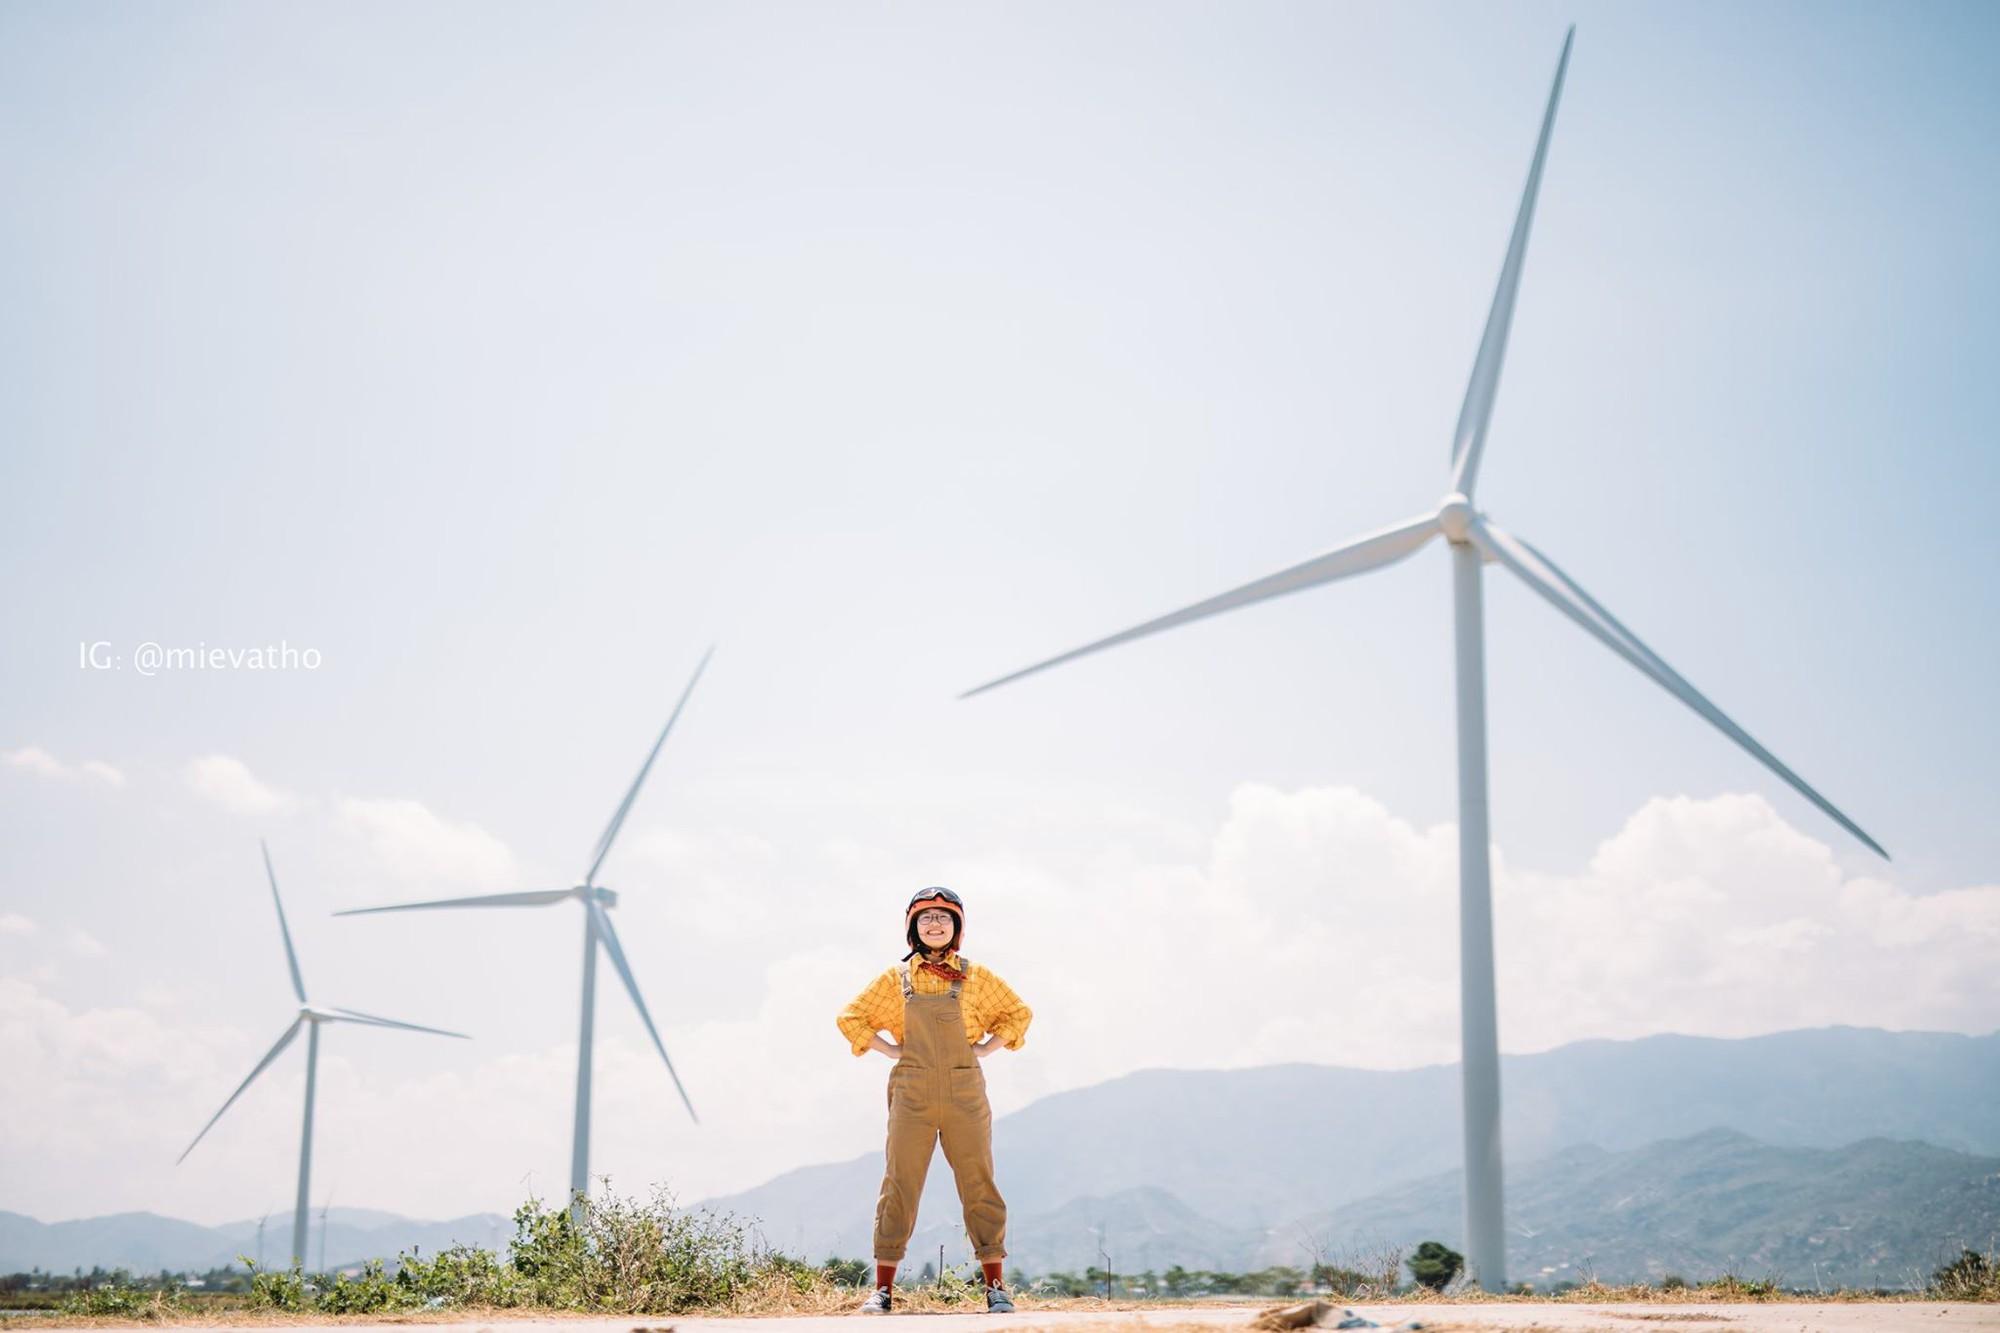 Bộ ảnh du lịch Ninh Thuận của cặp đôi đến từ Hà Nội khiến dân tình thích thú: Mới nhìn thôi đã thấy chill phết! - Ảnh 14.